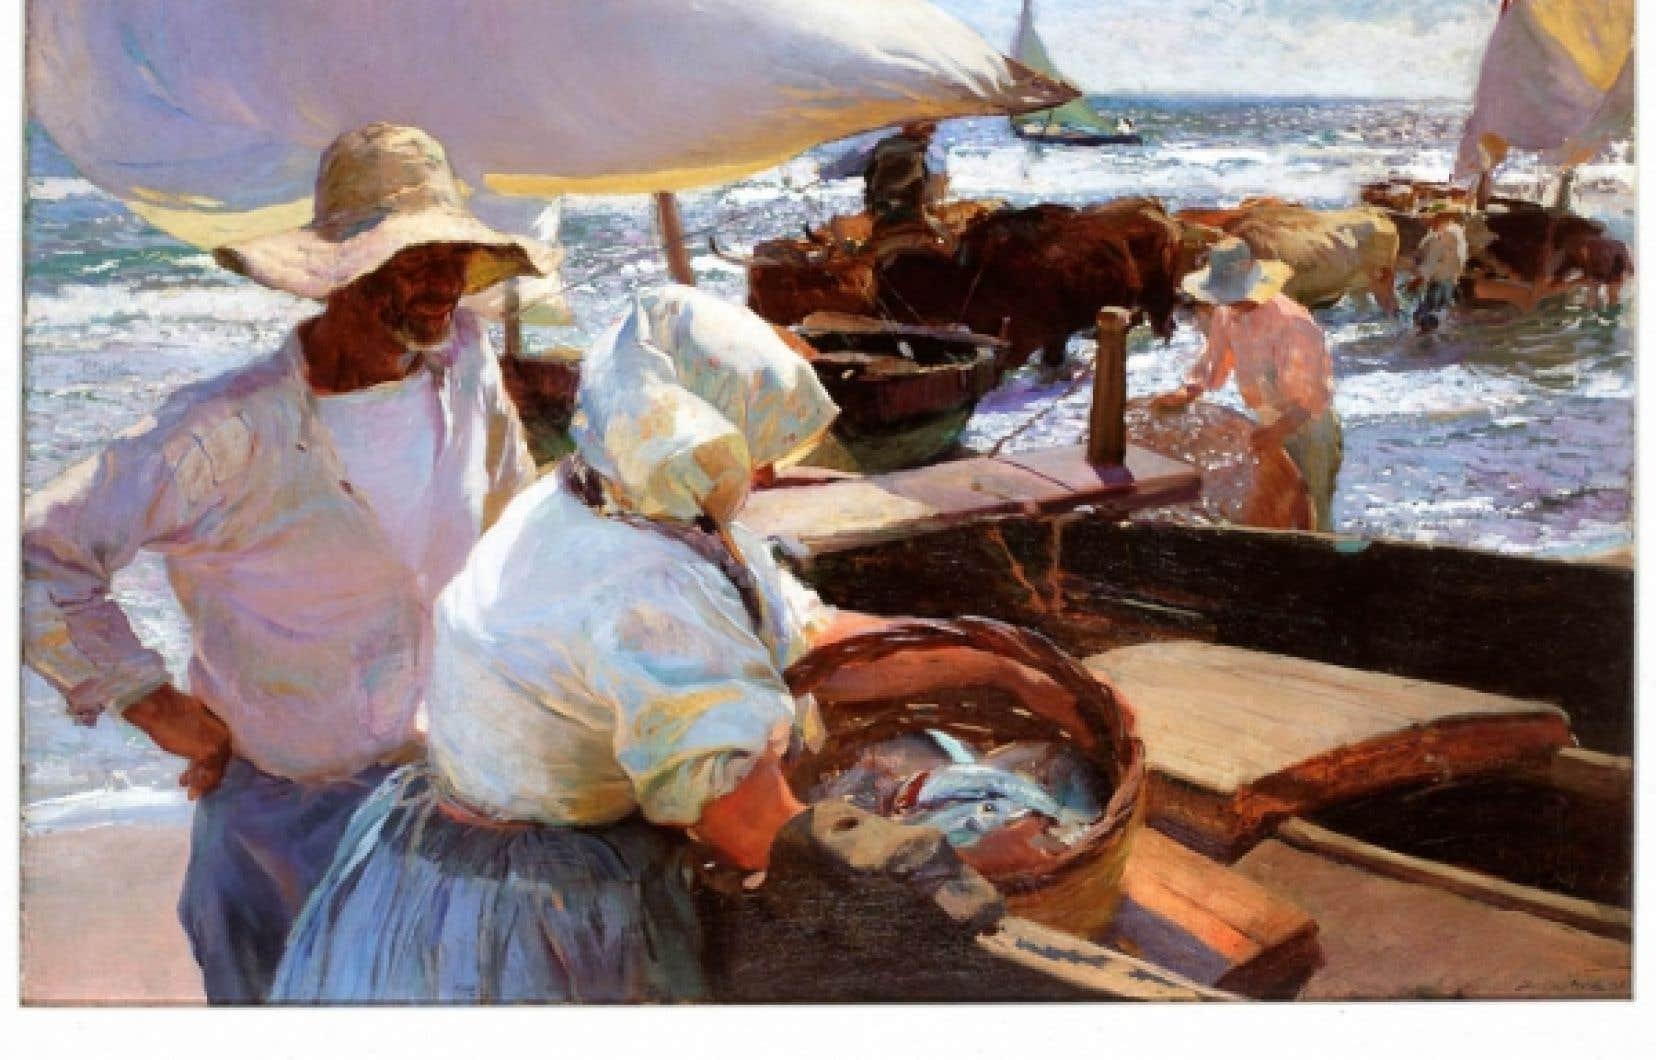 Joaquin Sorolla, Soleil du matin, 1901. Huile sur toile, 81 x 128 cm. Collection Pérez Simón/Fundación JAPS, Mexico<br />